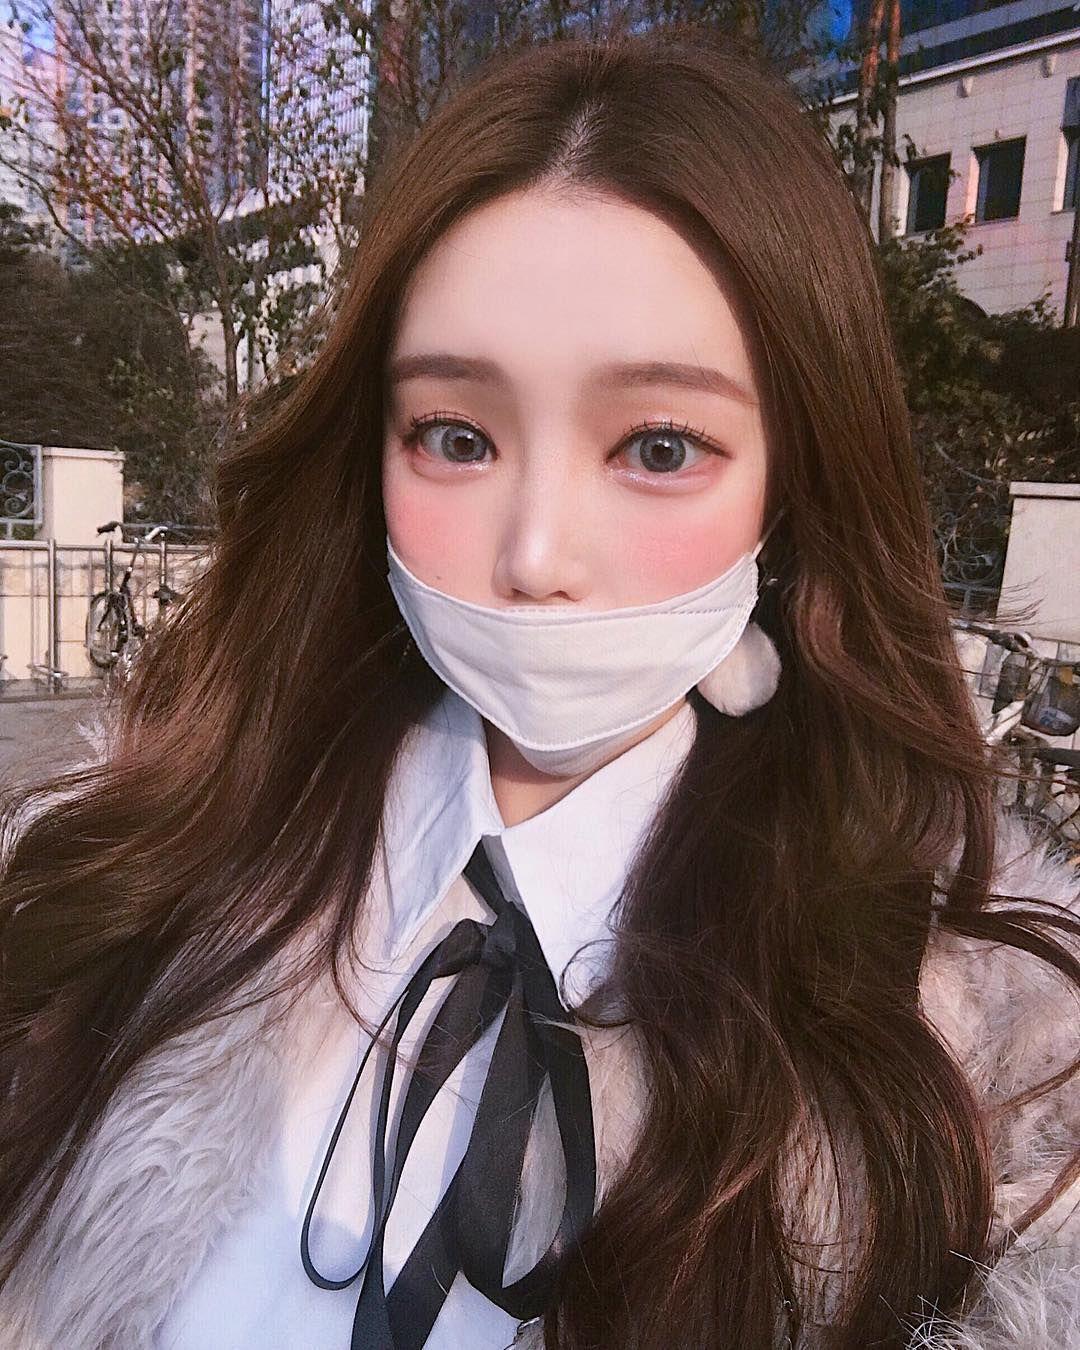 Ulzzang Girl Large Eyes Long Hair: Ulzzang Girl, Korean